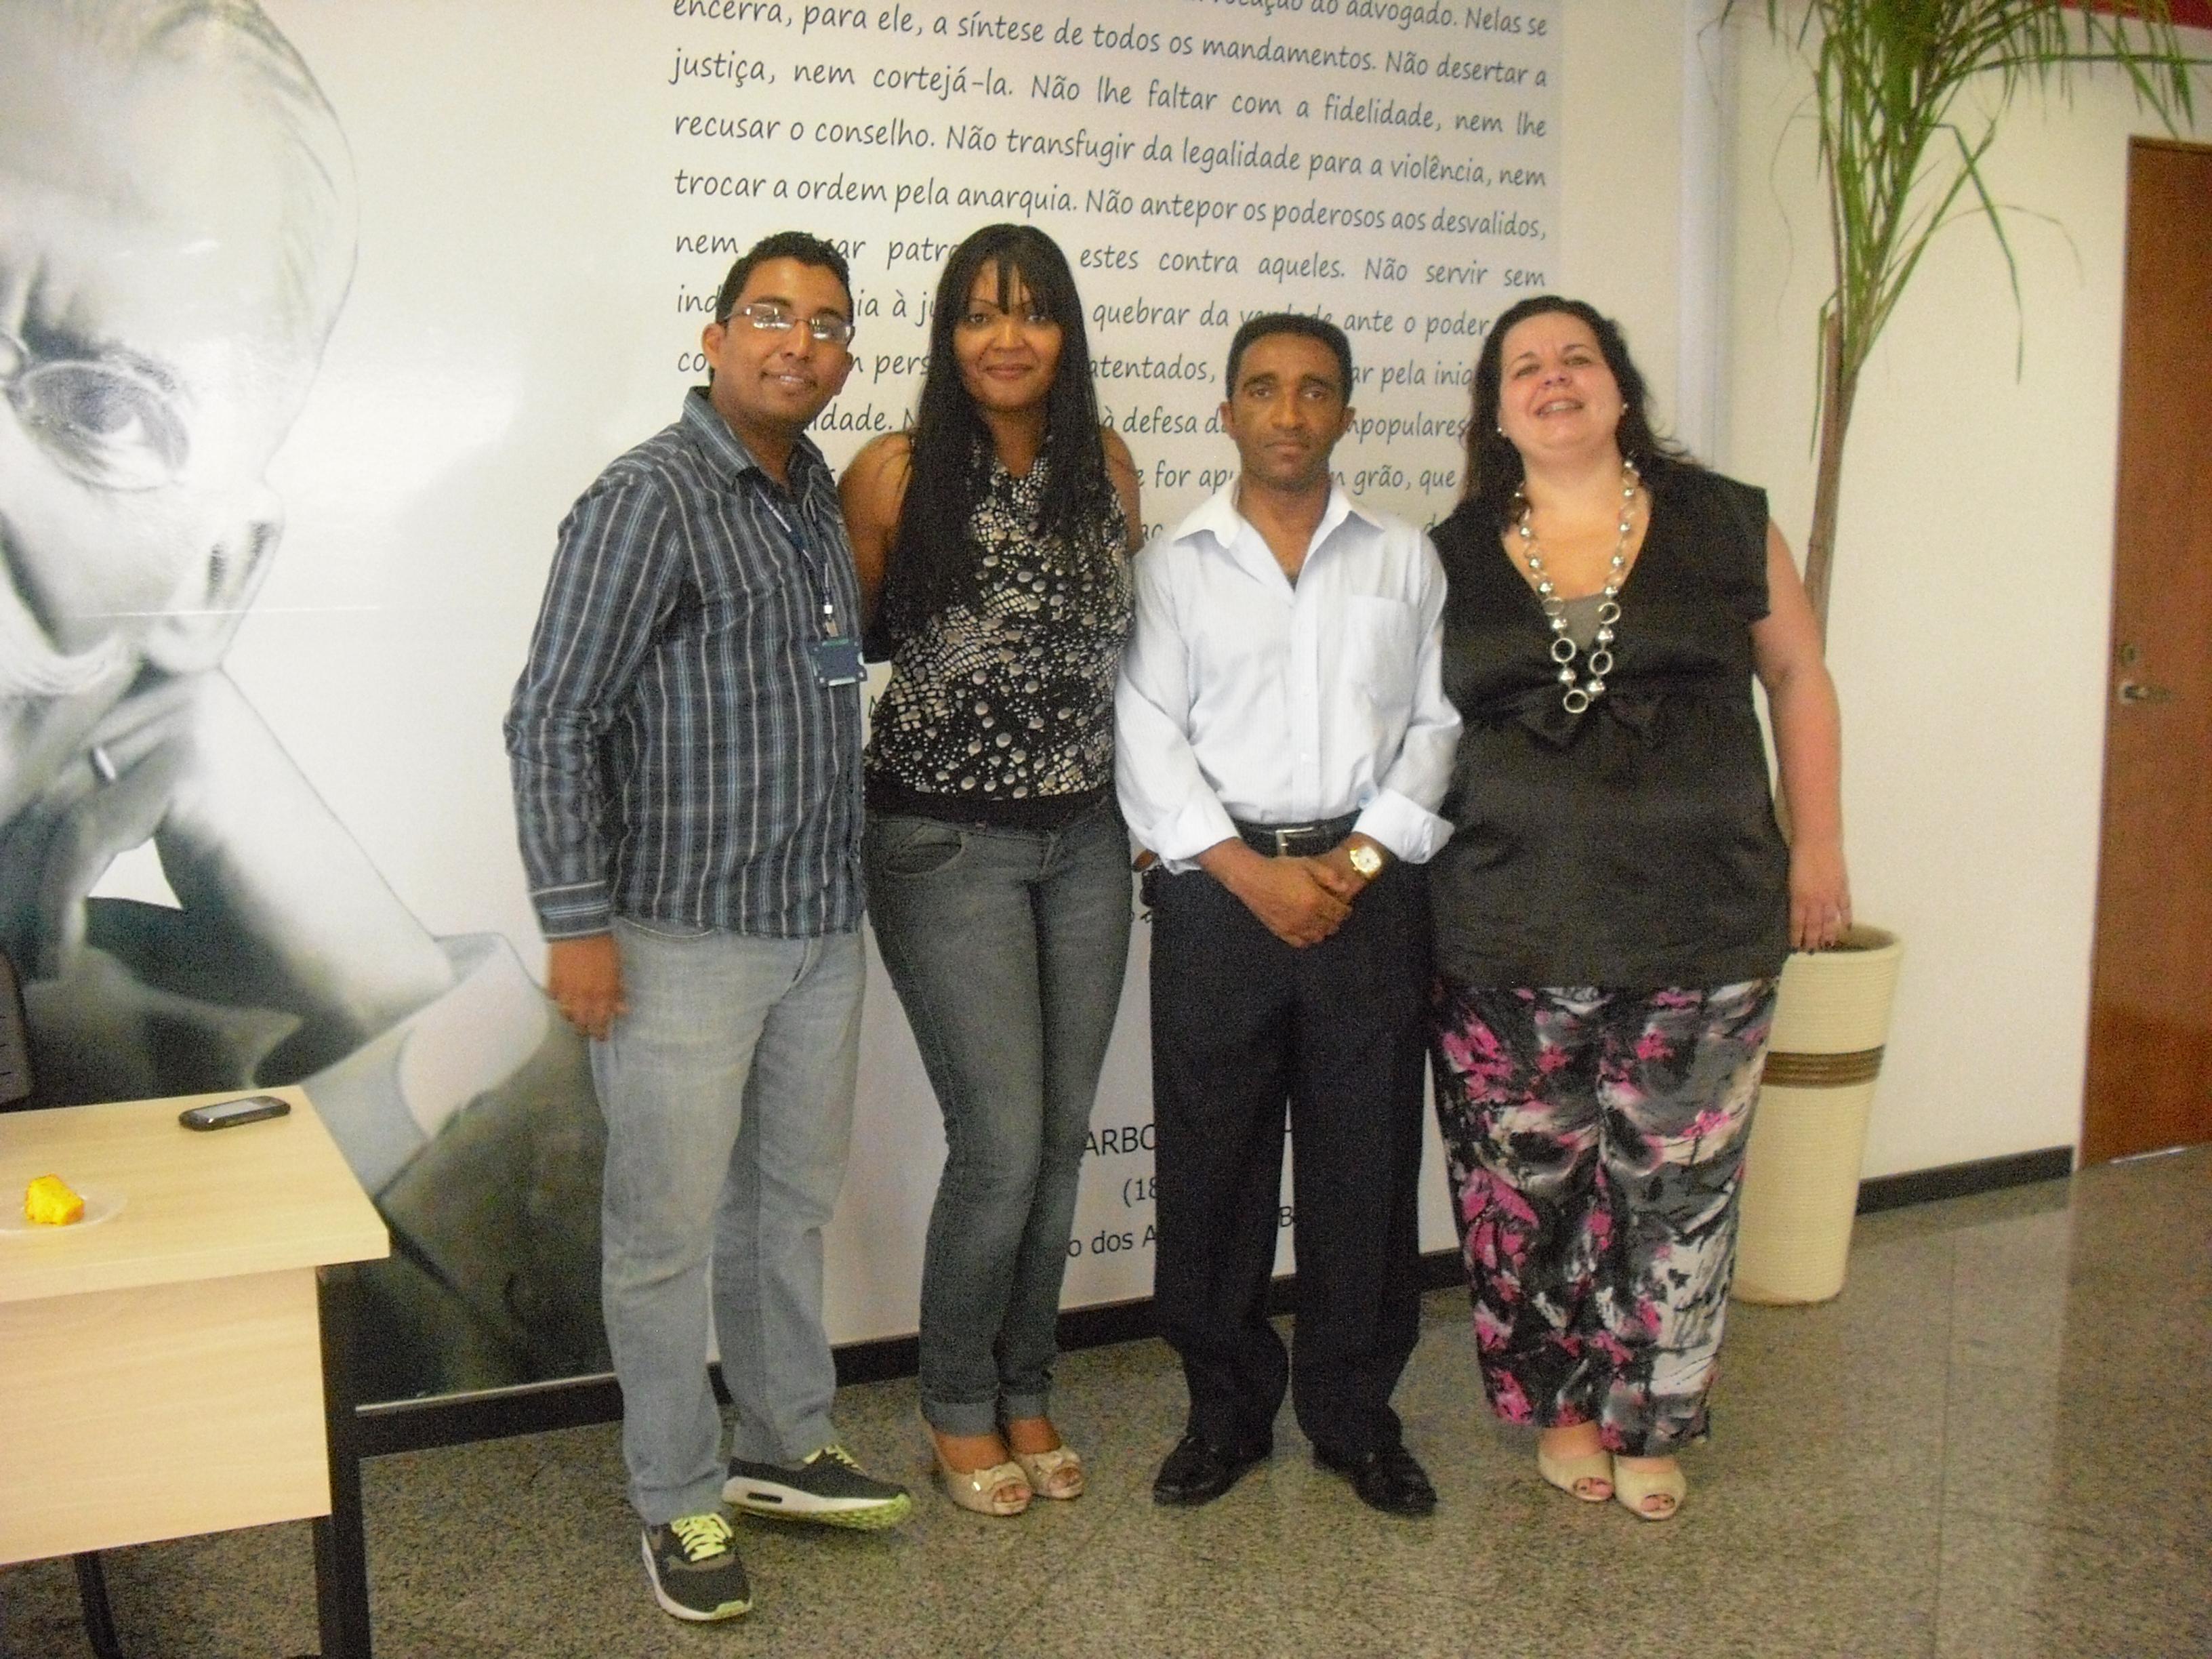 1º Encontro de Profissionais Técnicos para Apoio na Regularização de Igrejas - 26/11/2011 - Secretaria de Assuntos Juridicos da Prefeitura de Guarulhos